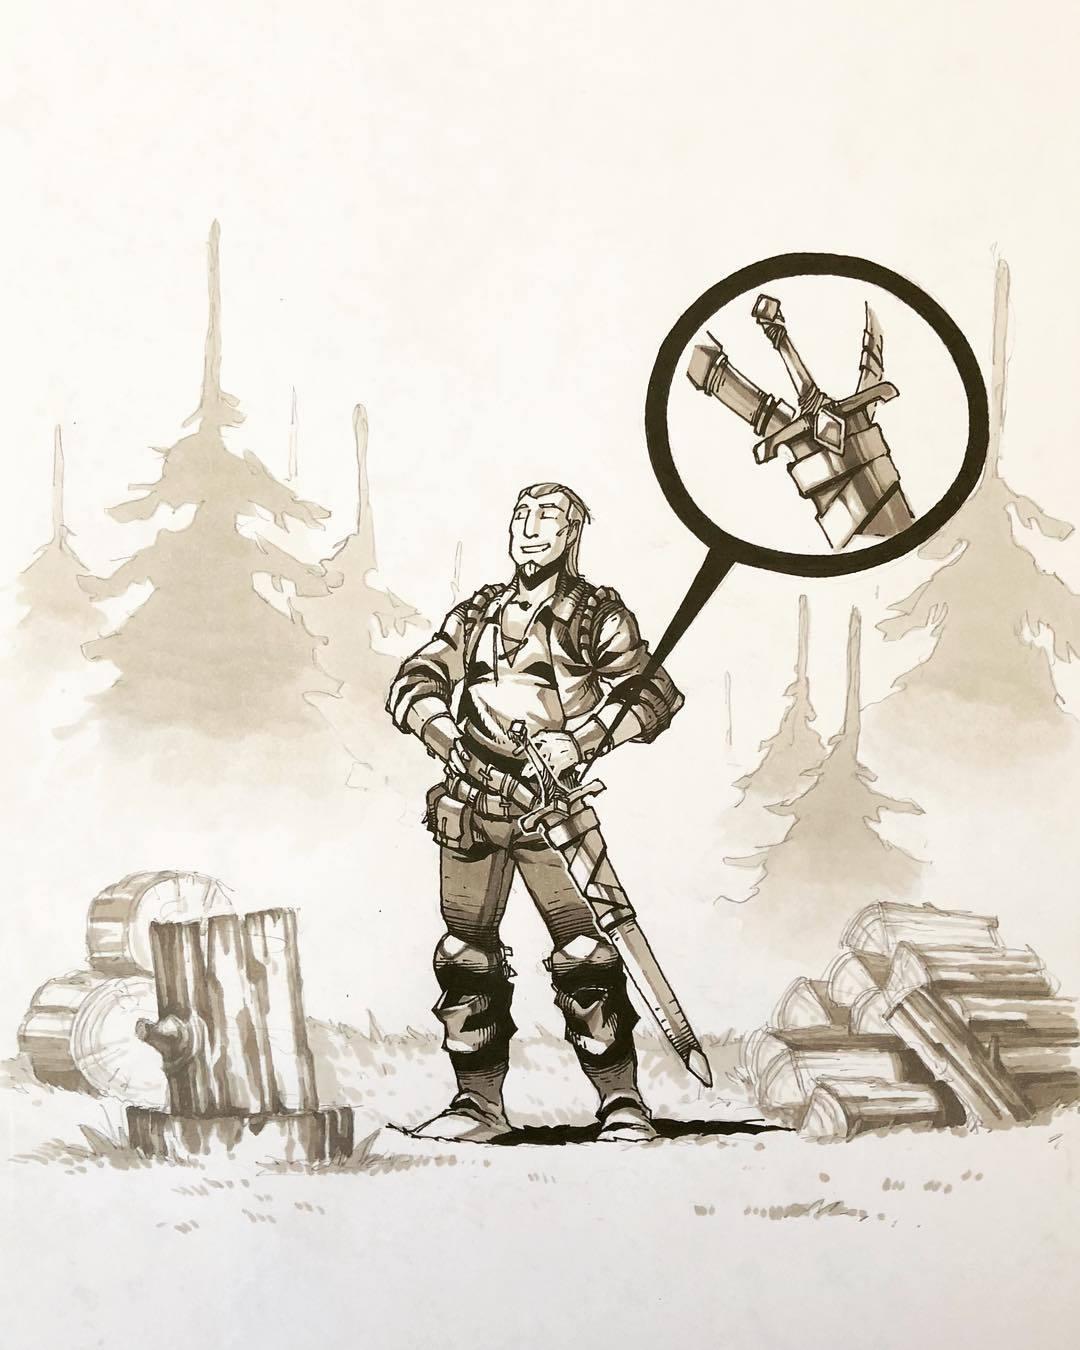 Похитители мечей. - Изображение 5